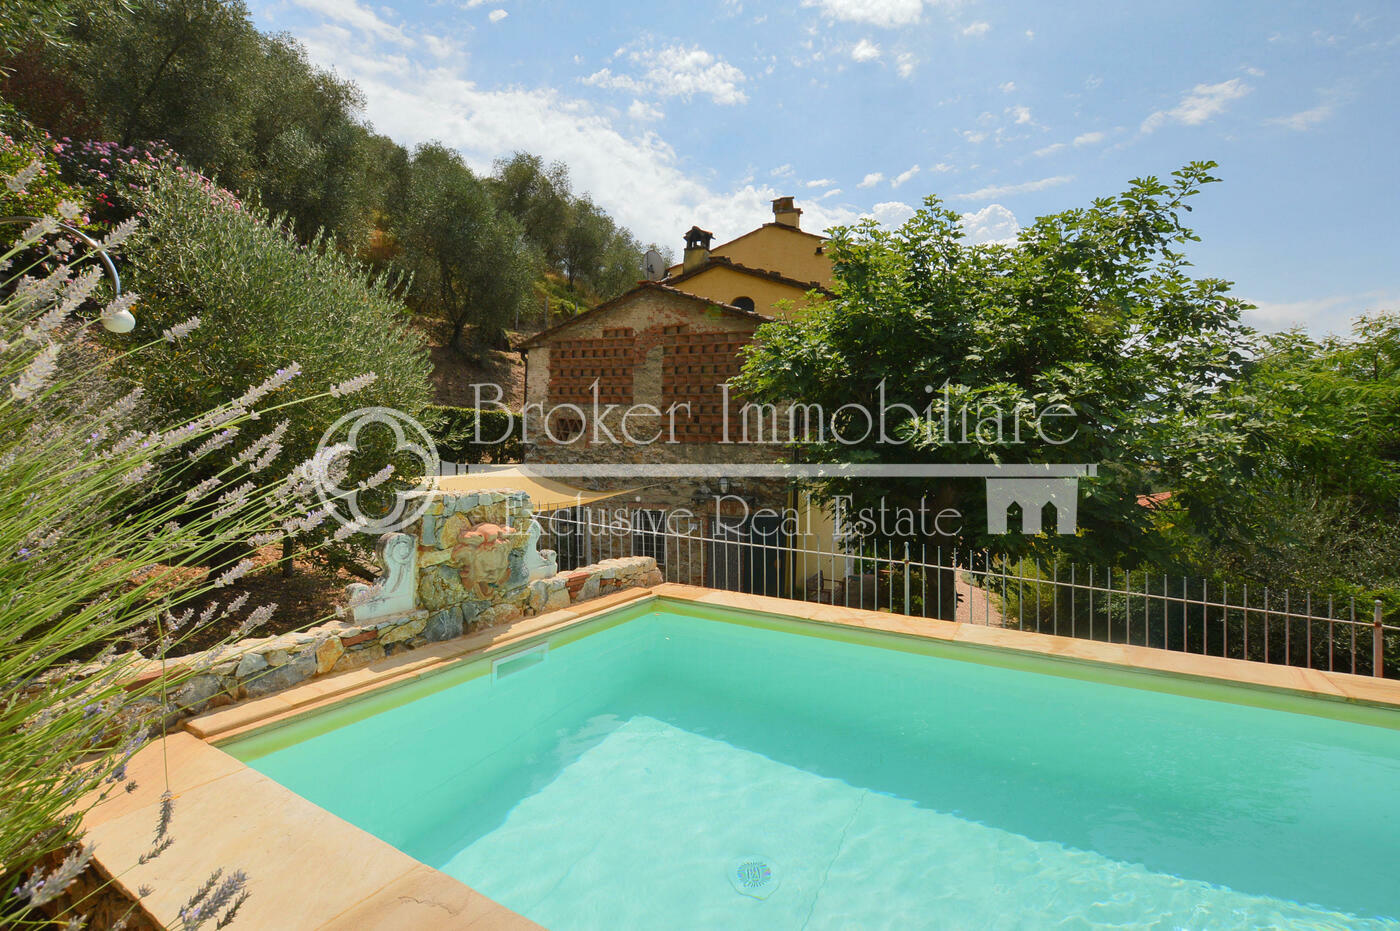 Casale in vendita in Versilia con piscina e oliveto a Massaciuccoli